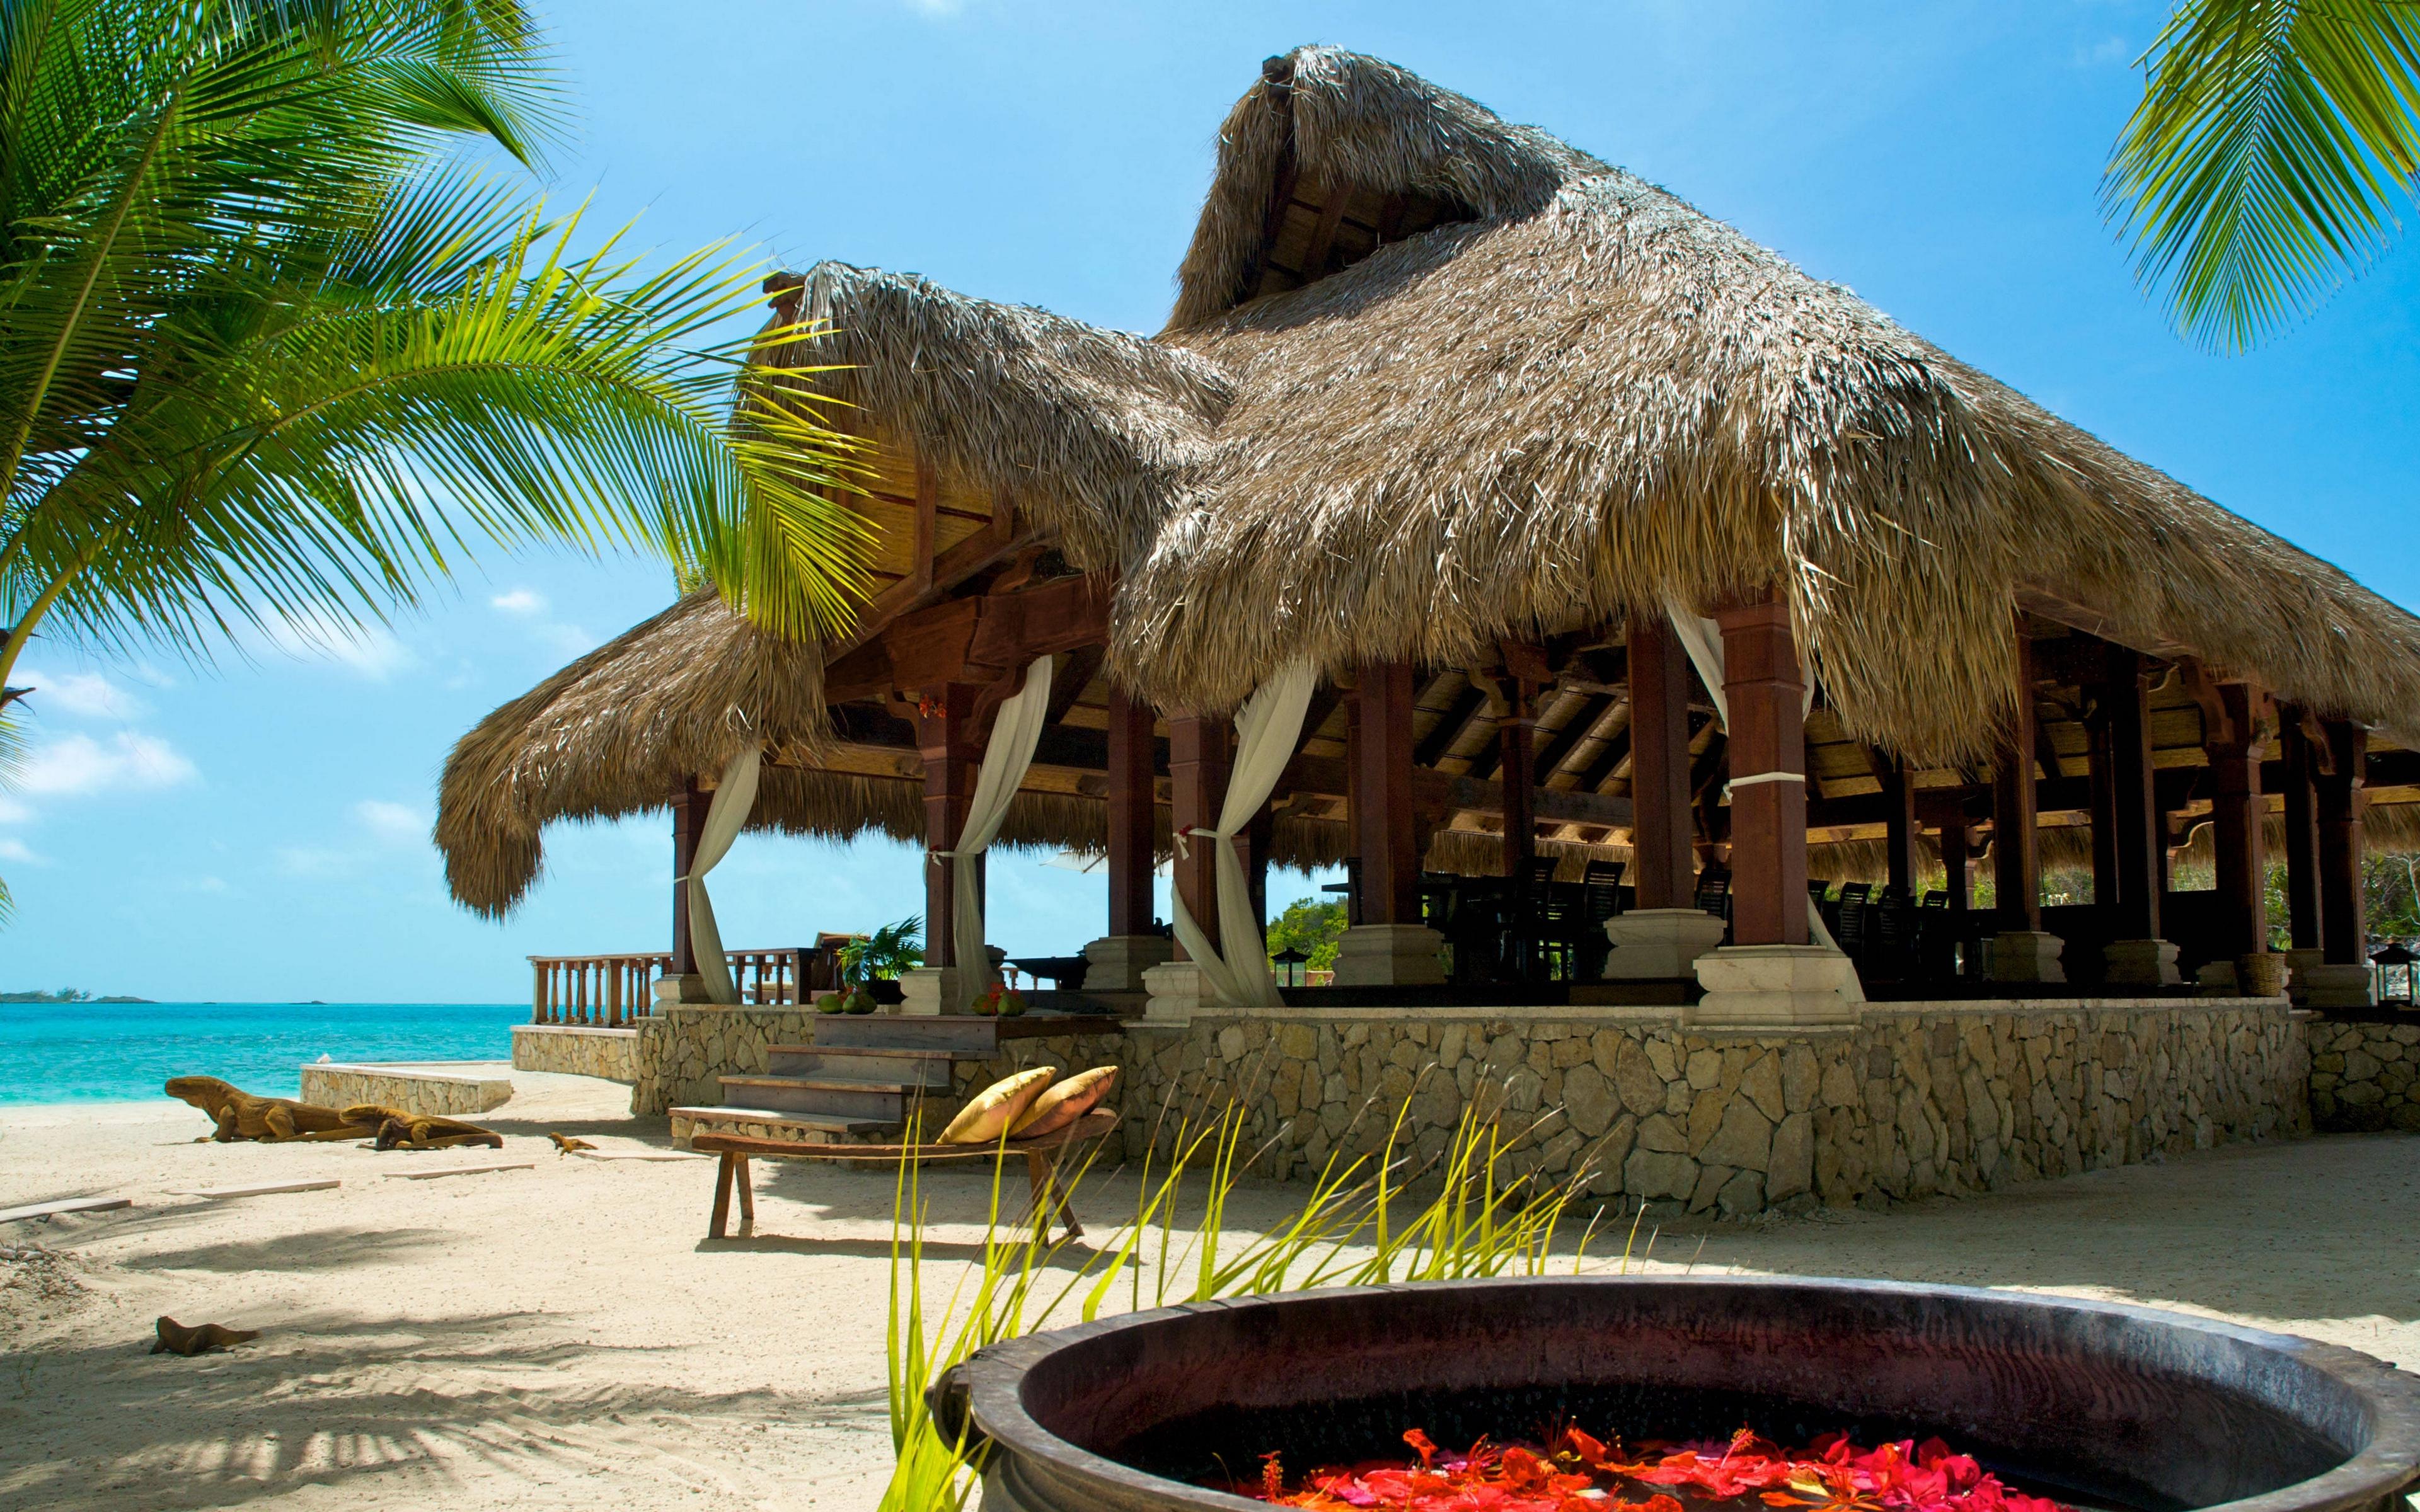 Багамские острова – незабываемое путешествие в мир экзотики